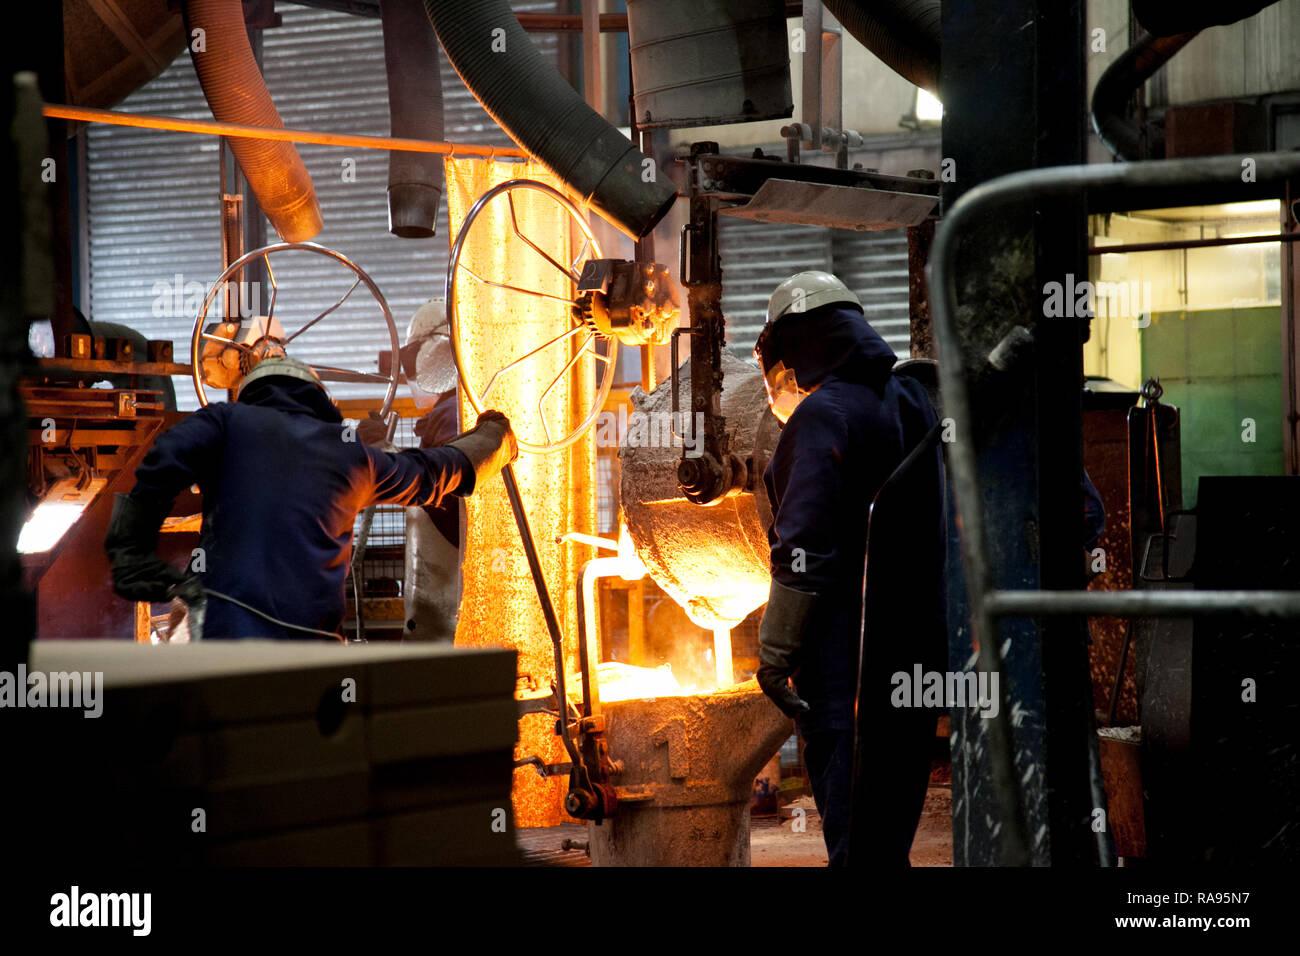 Colada de acero fundido durante la fabricación del acero crucible Imagen De Stock